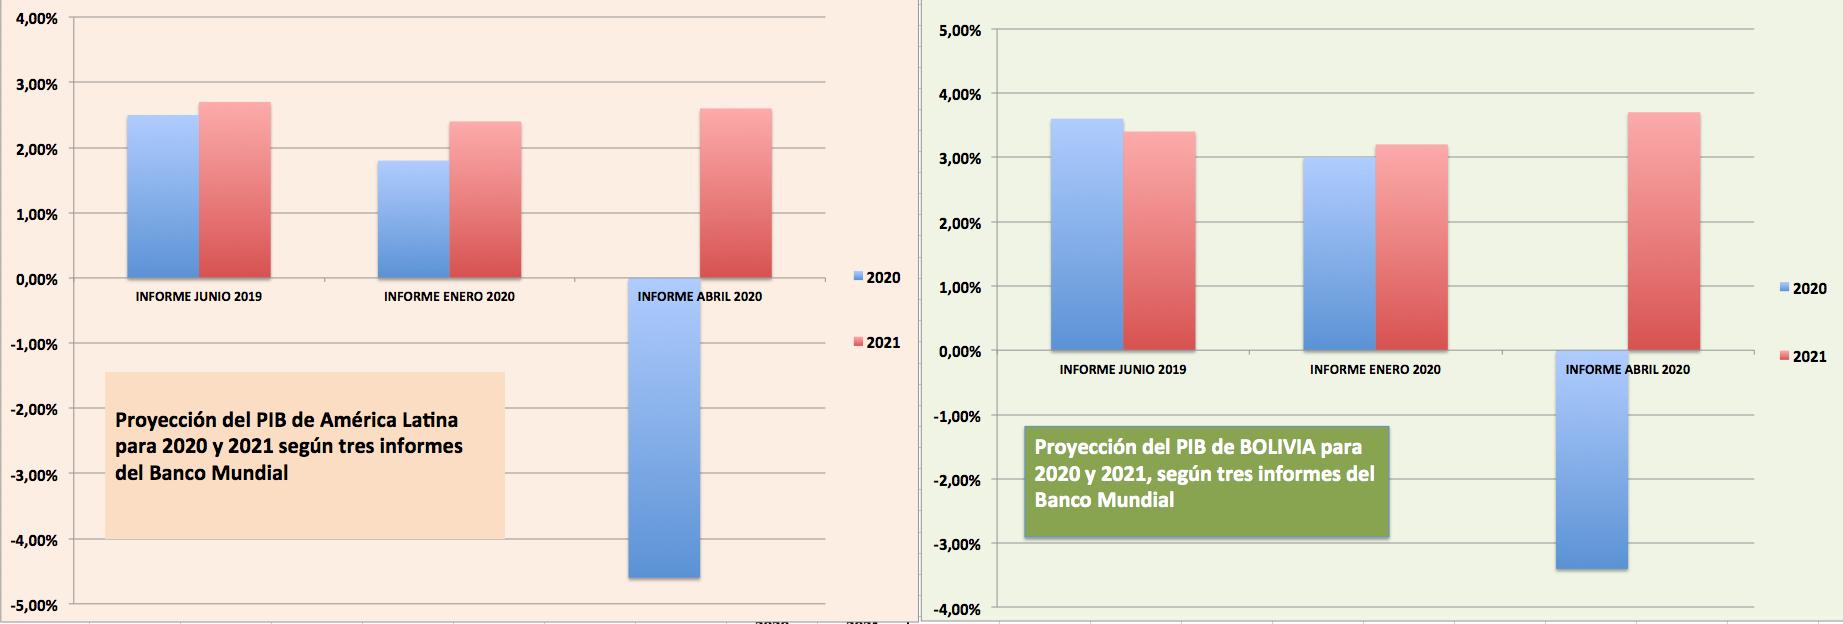 Informes del Banco Mundial muestran  el impacto del COVID-19 en proyecciones  del PIB de A.L y Bolivia